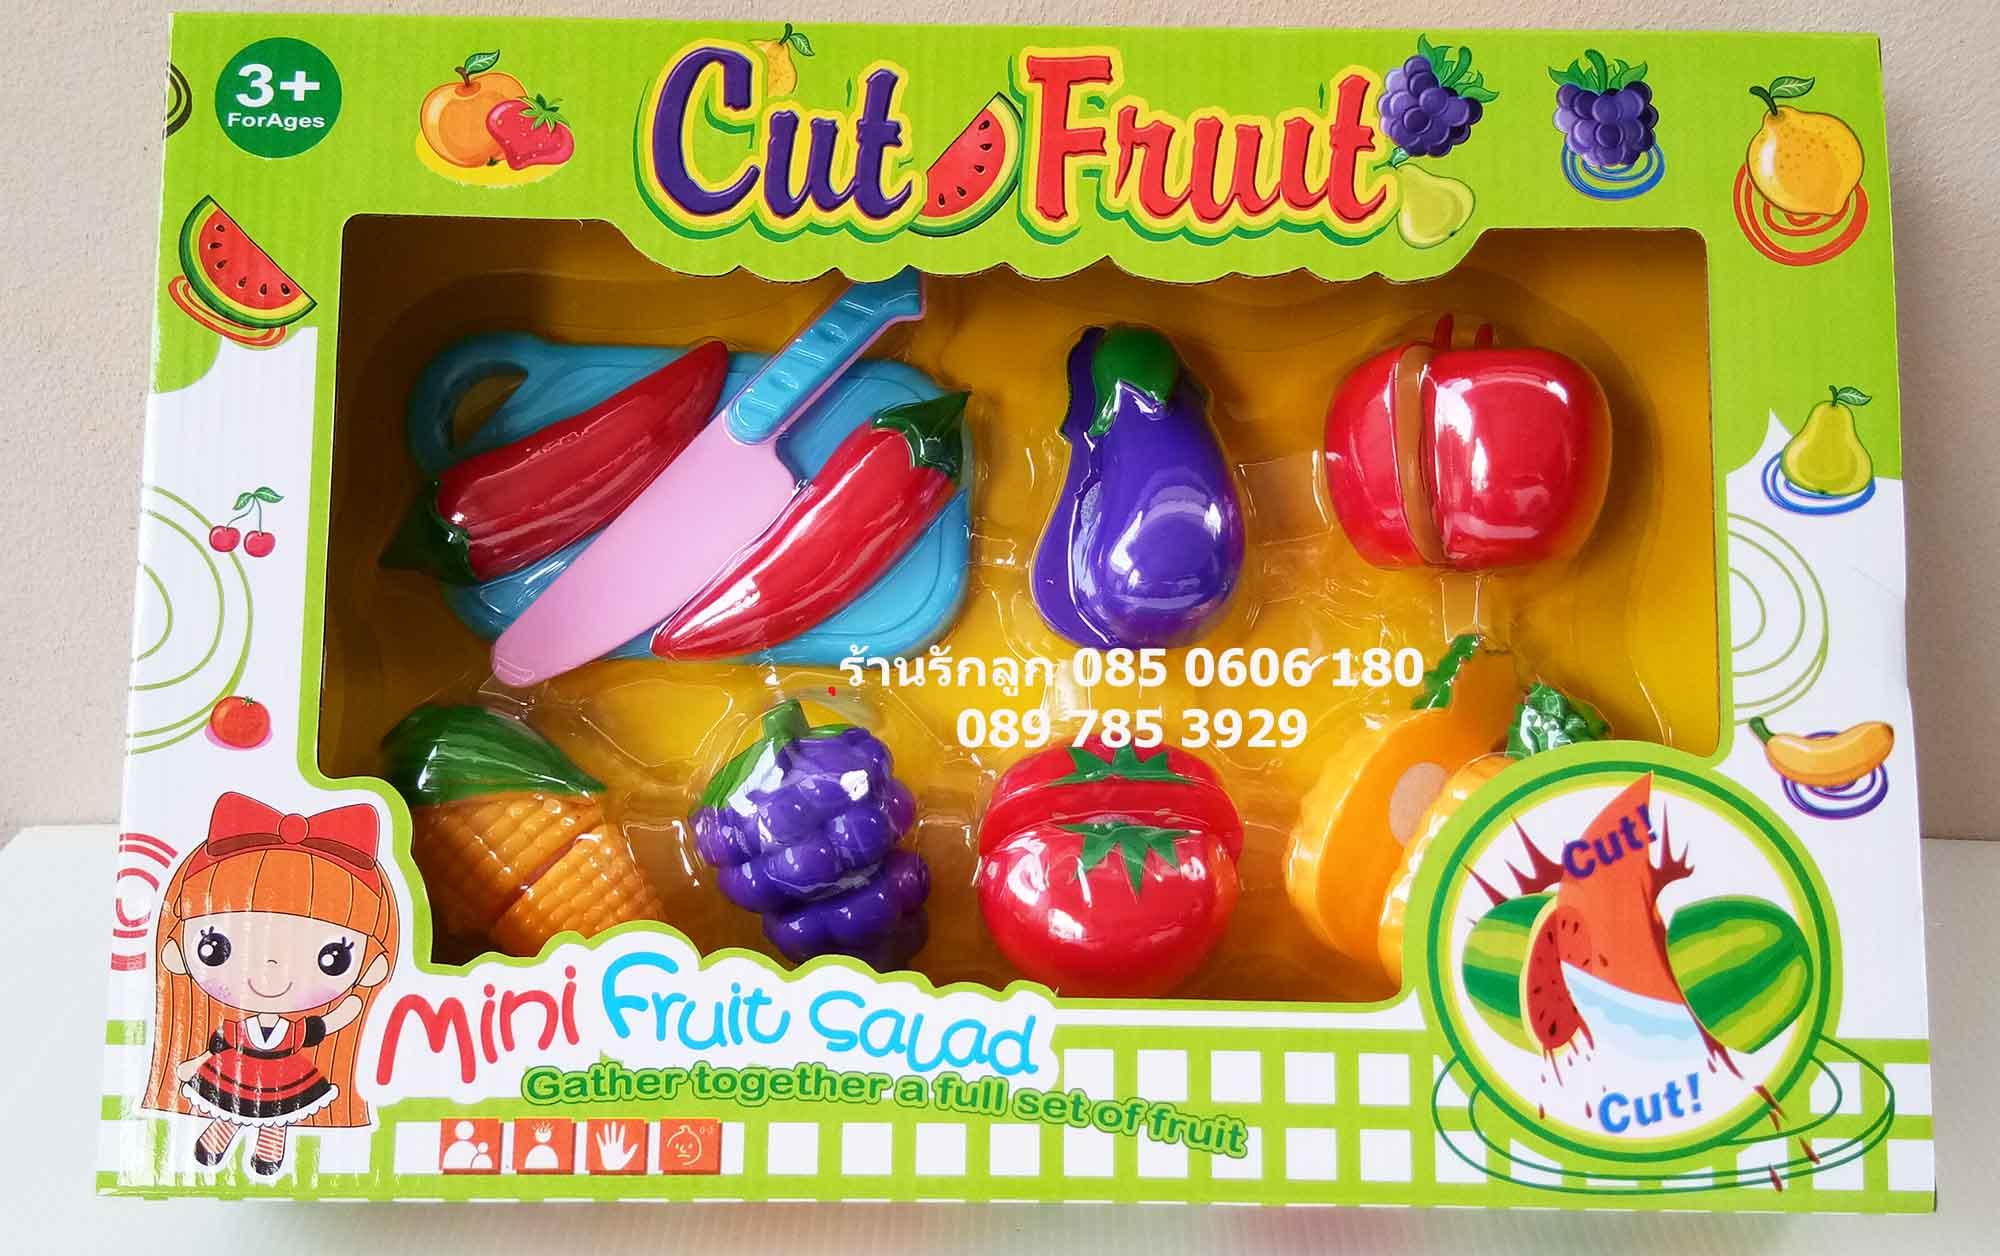 ชุดหั่นผัก ผลไม้ ของเล่นเด็ก